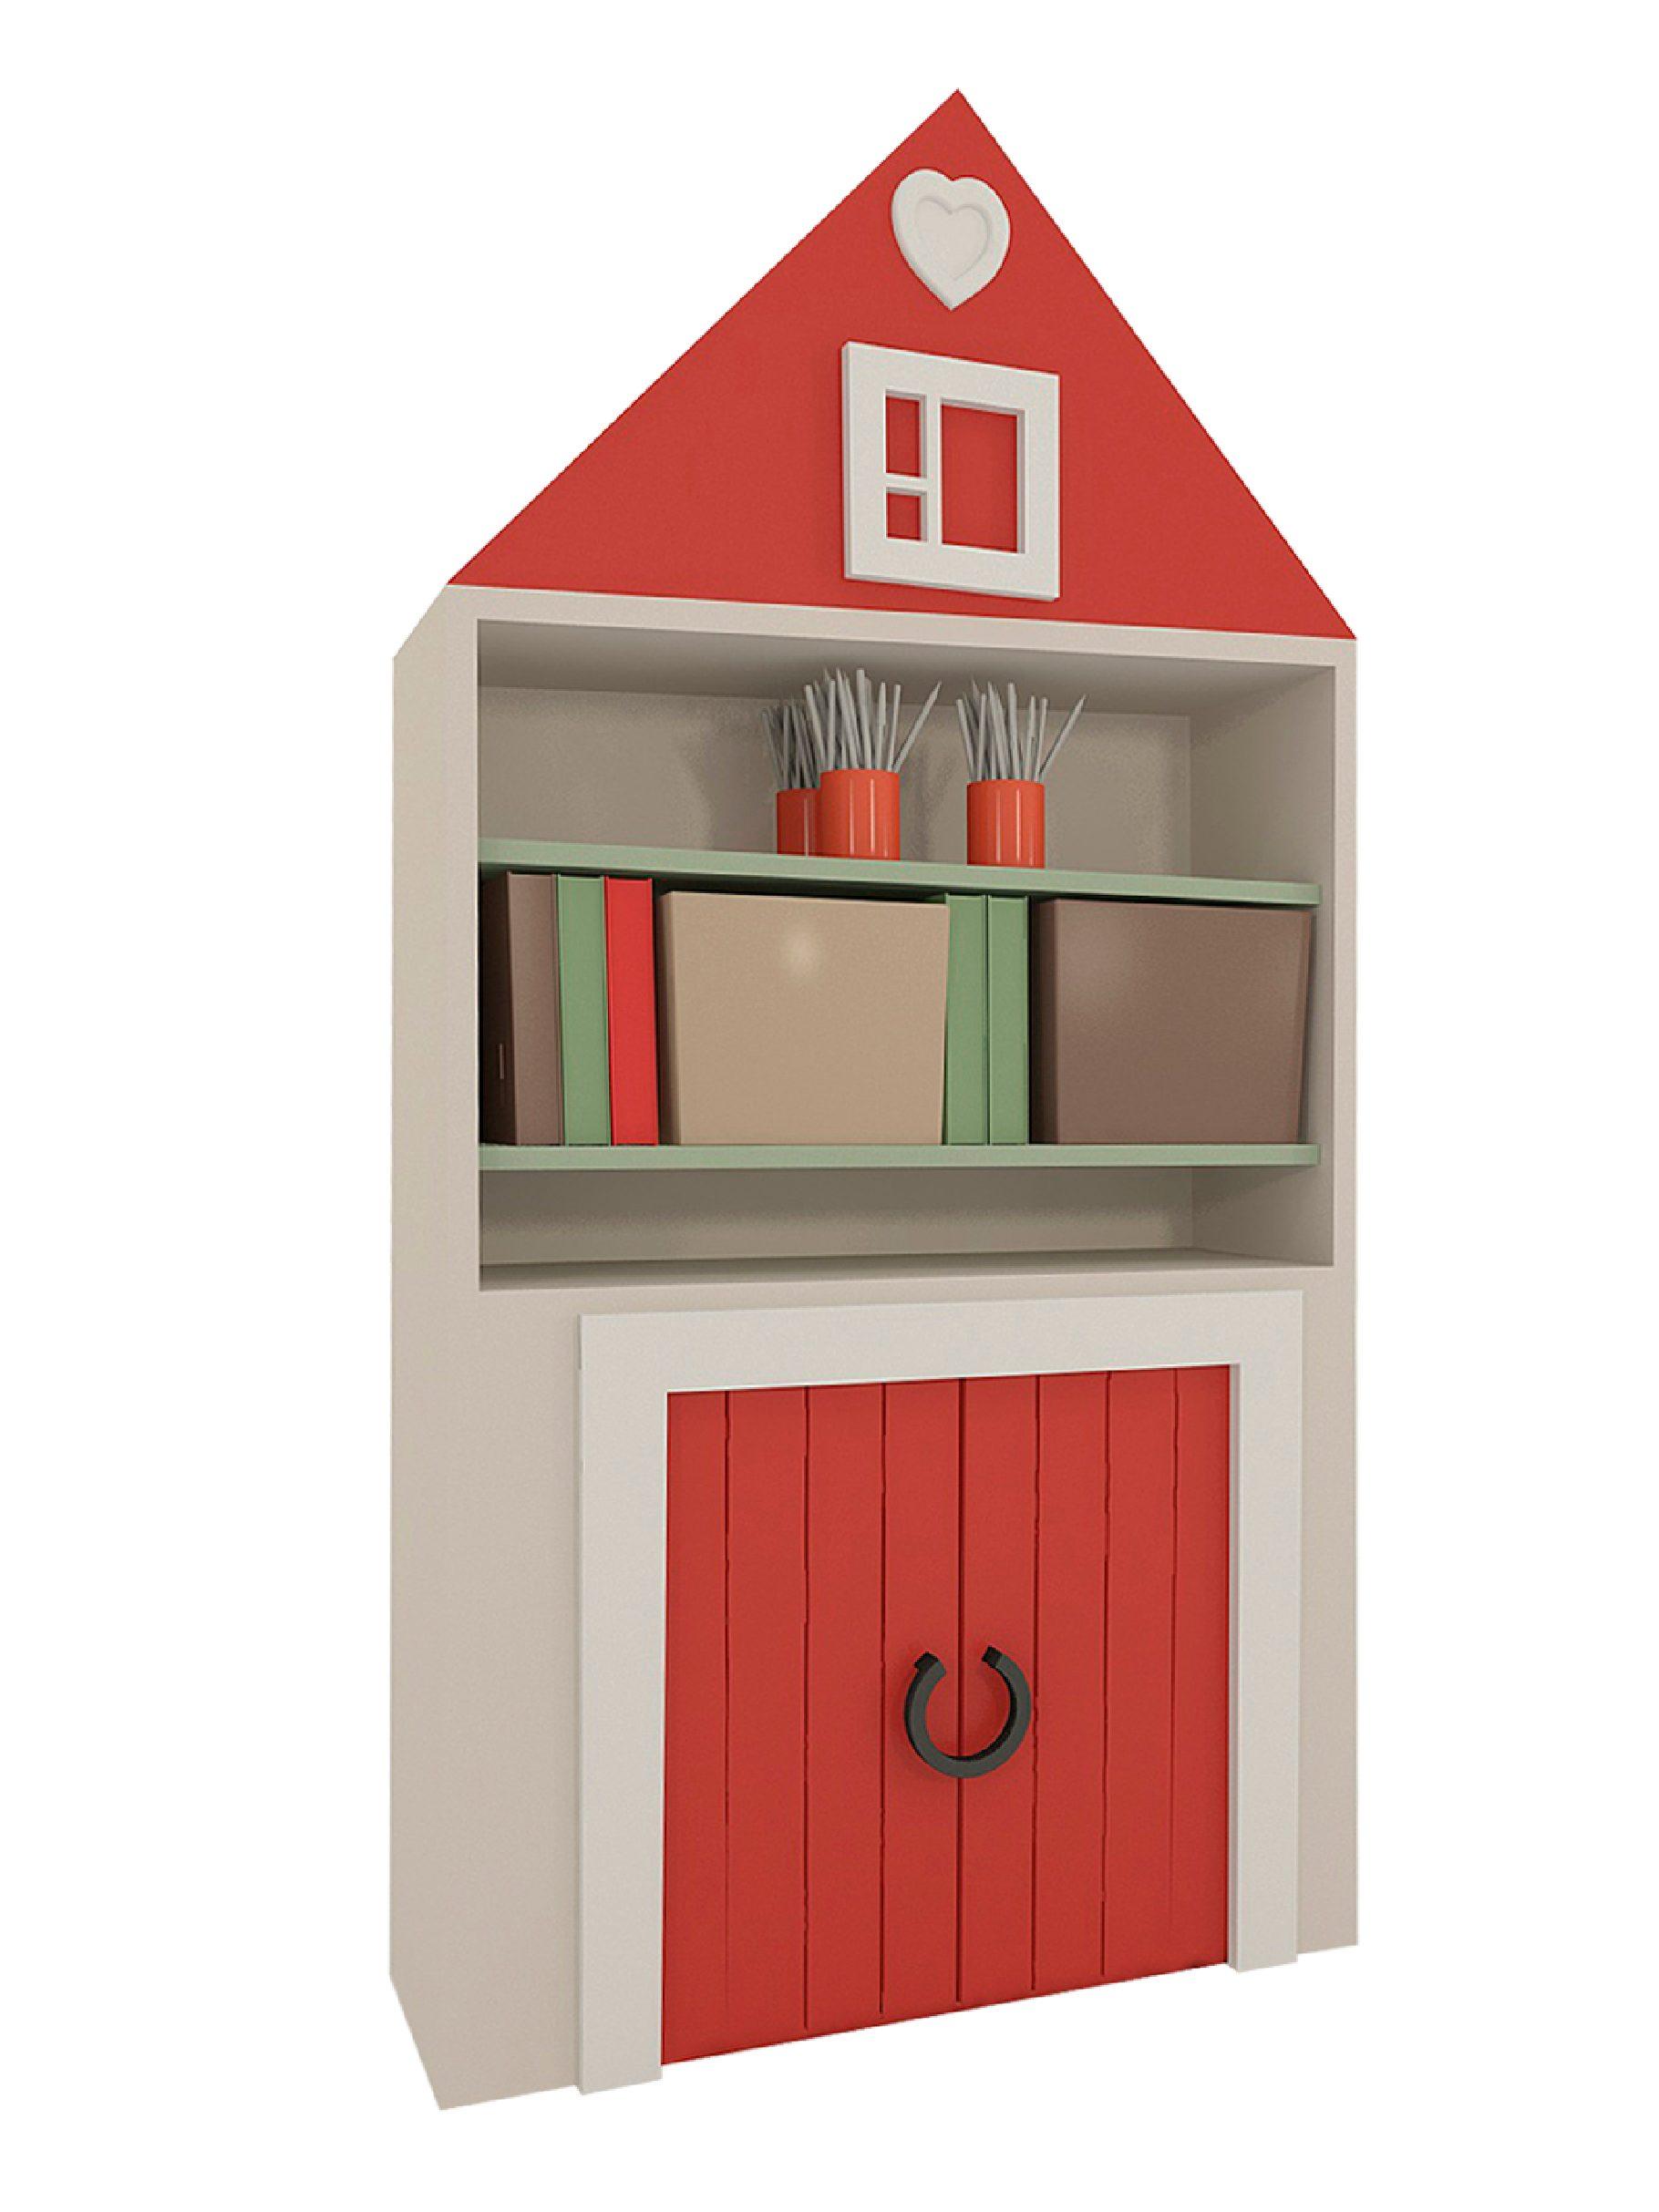 Шкаф для детей Муми с воротами